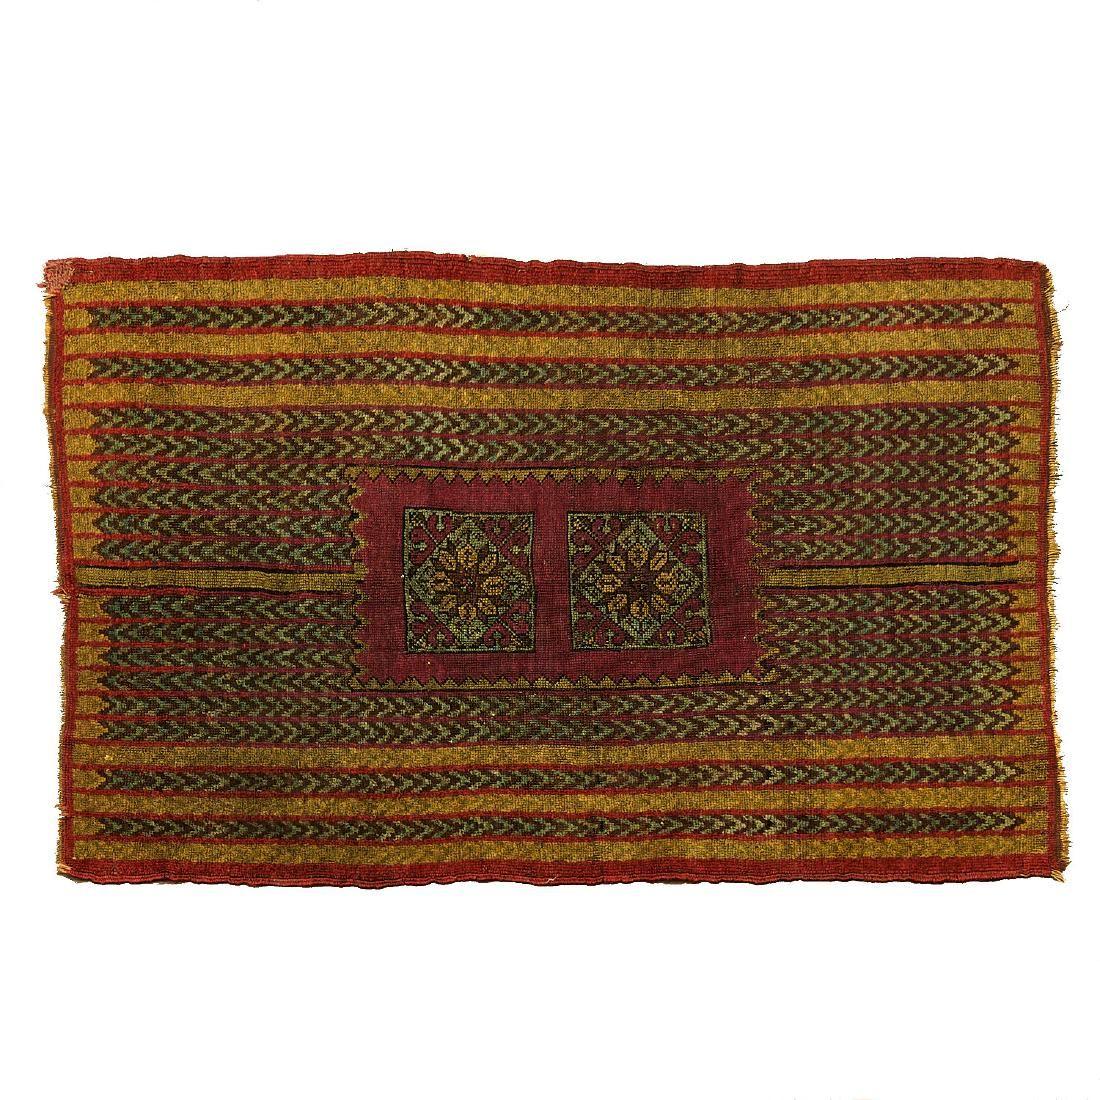 Unusual antique Caucasian rug or bag face